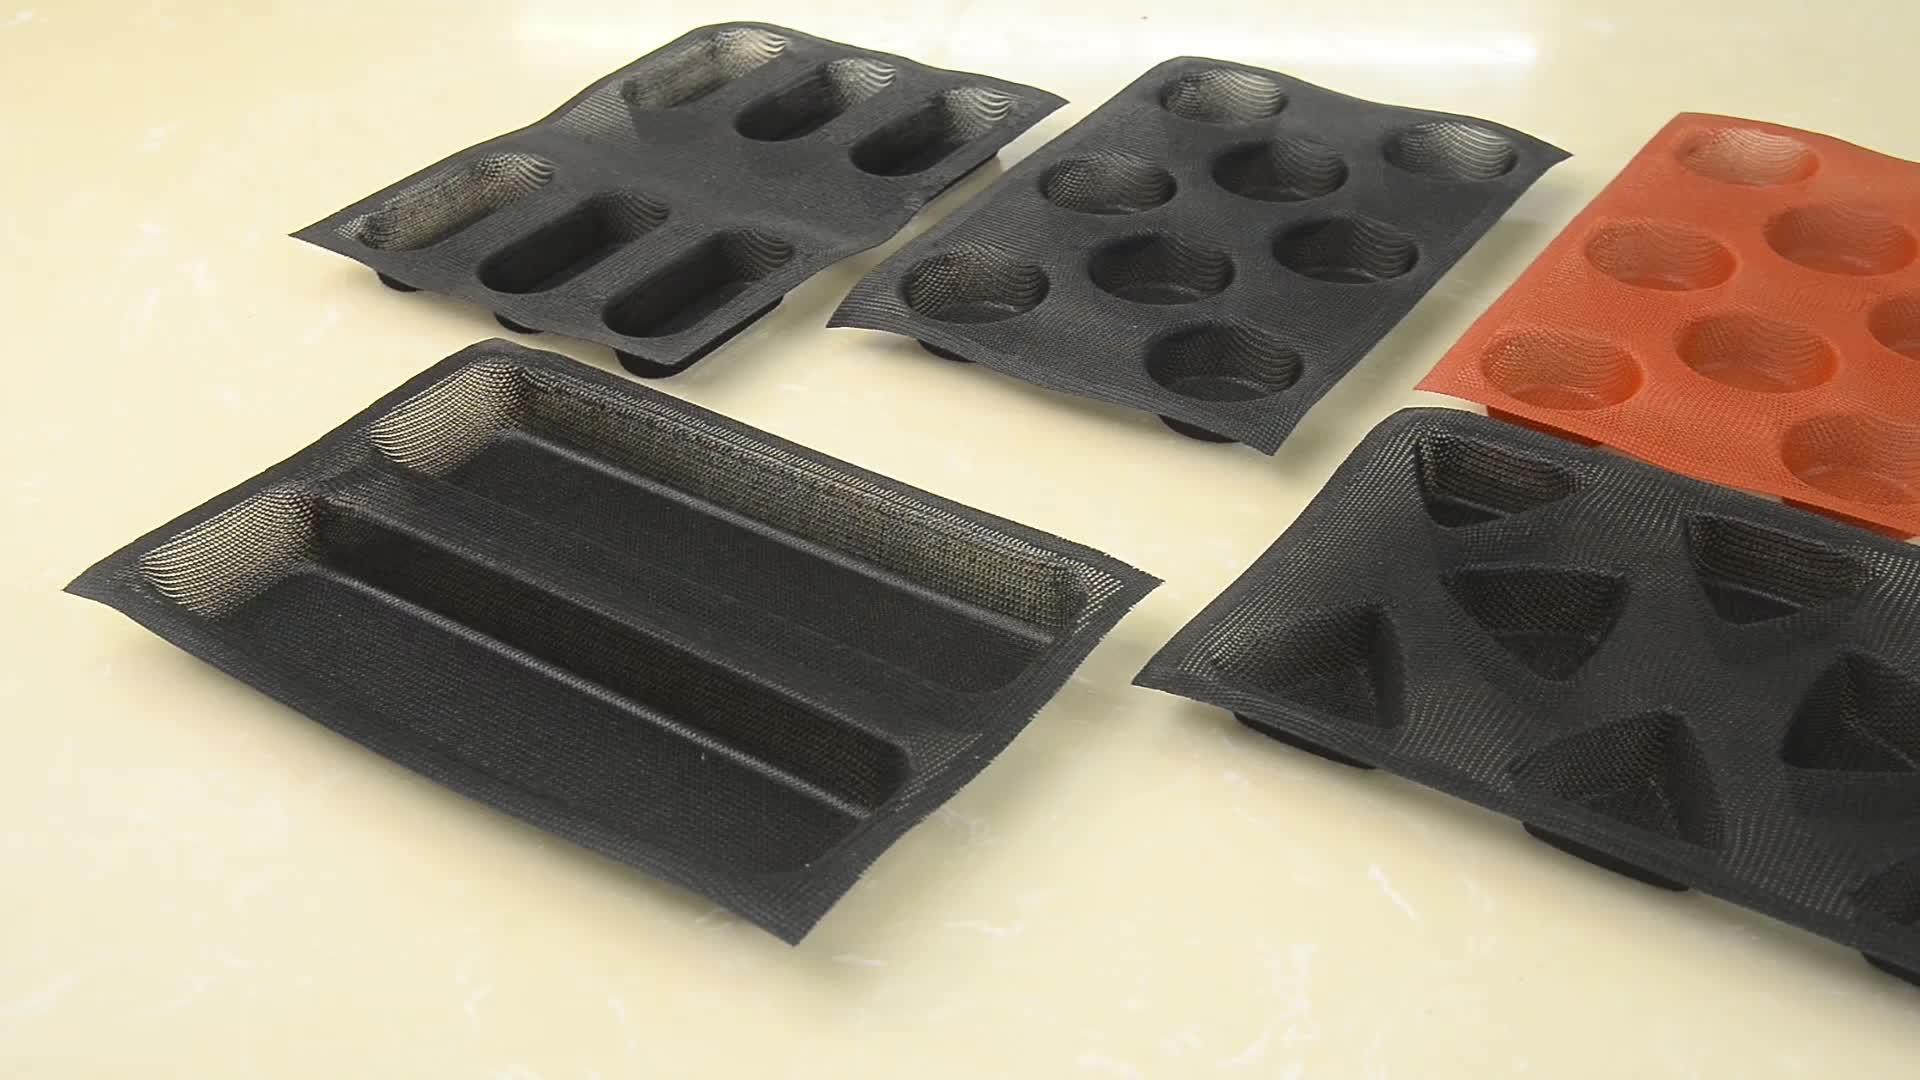 ทรงกลมทาร์ตแม่พิมพ์ 20 ถ้วยซิลิโคนไม่ติดพรุนขนมปังแม่พิมพ์ซิลิโคนมัฟฟินถาด